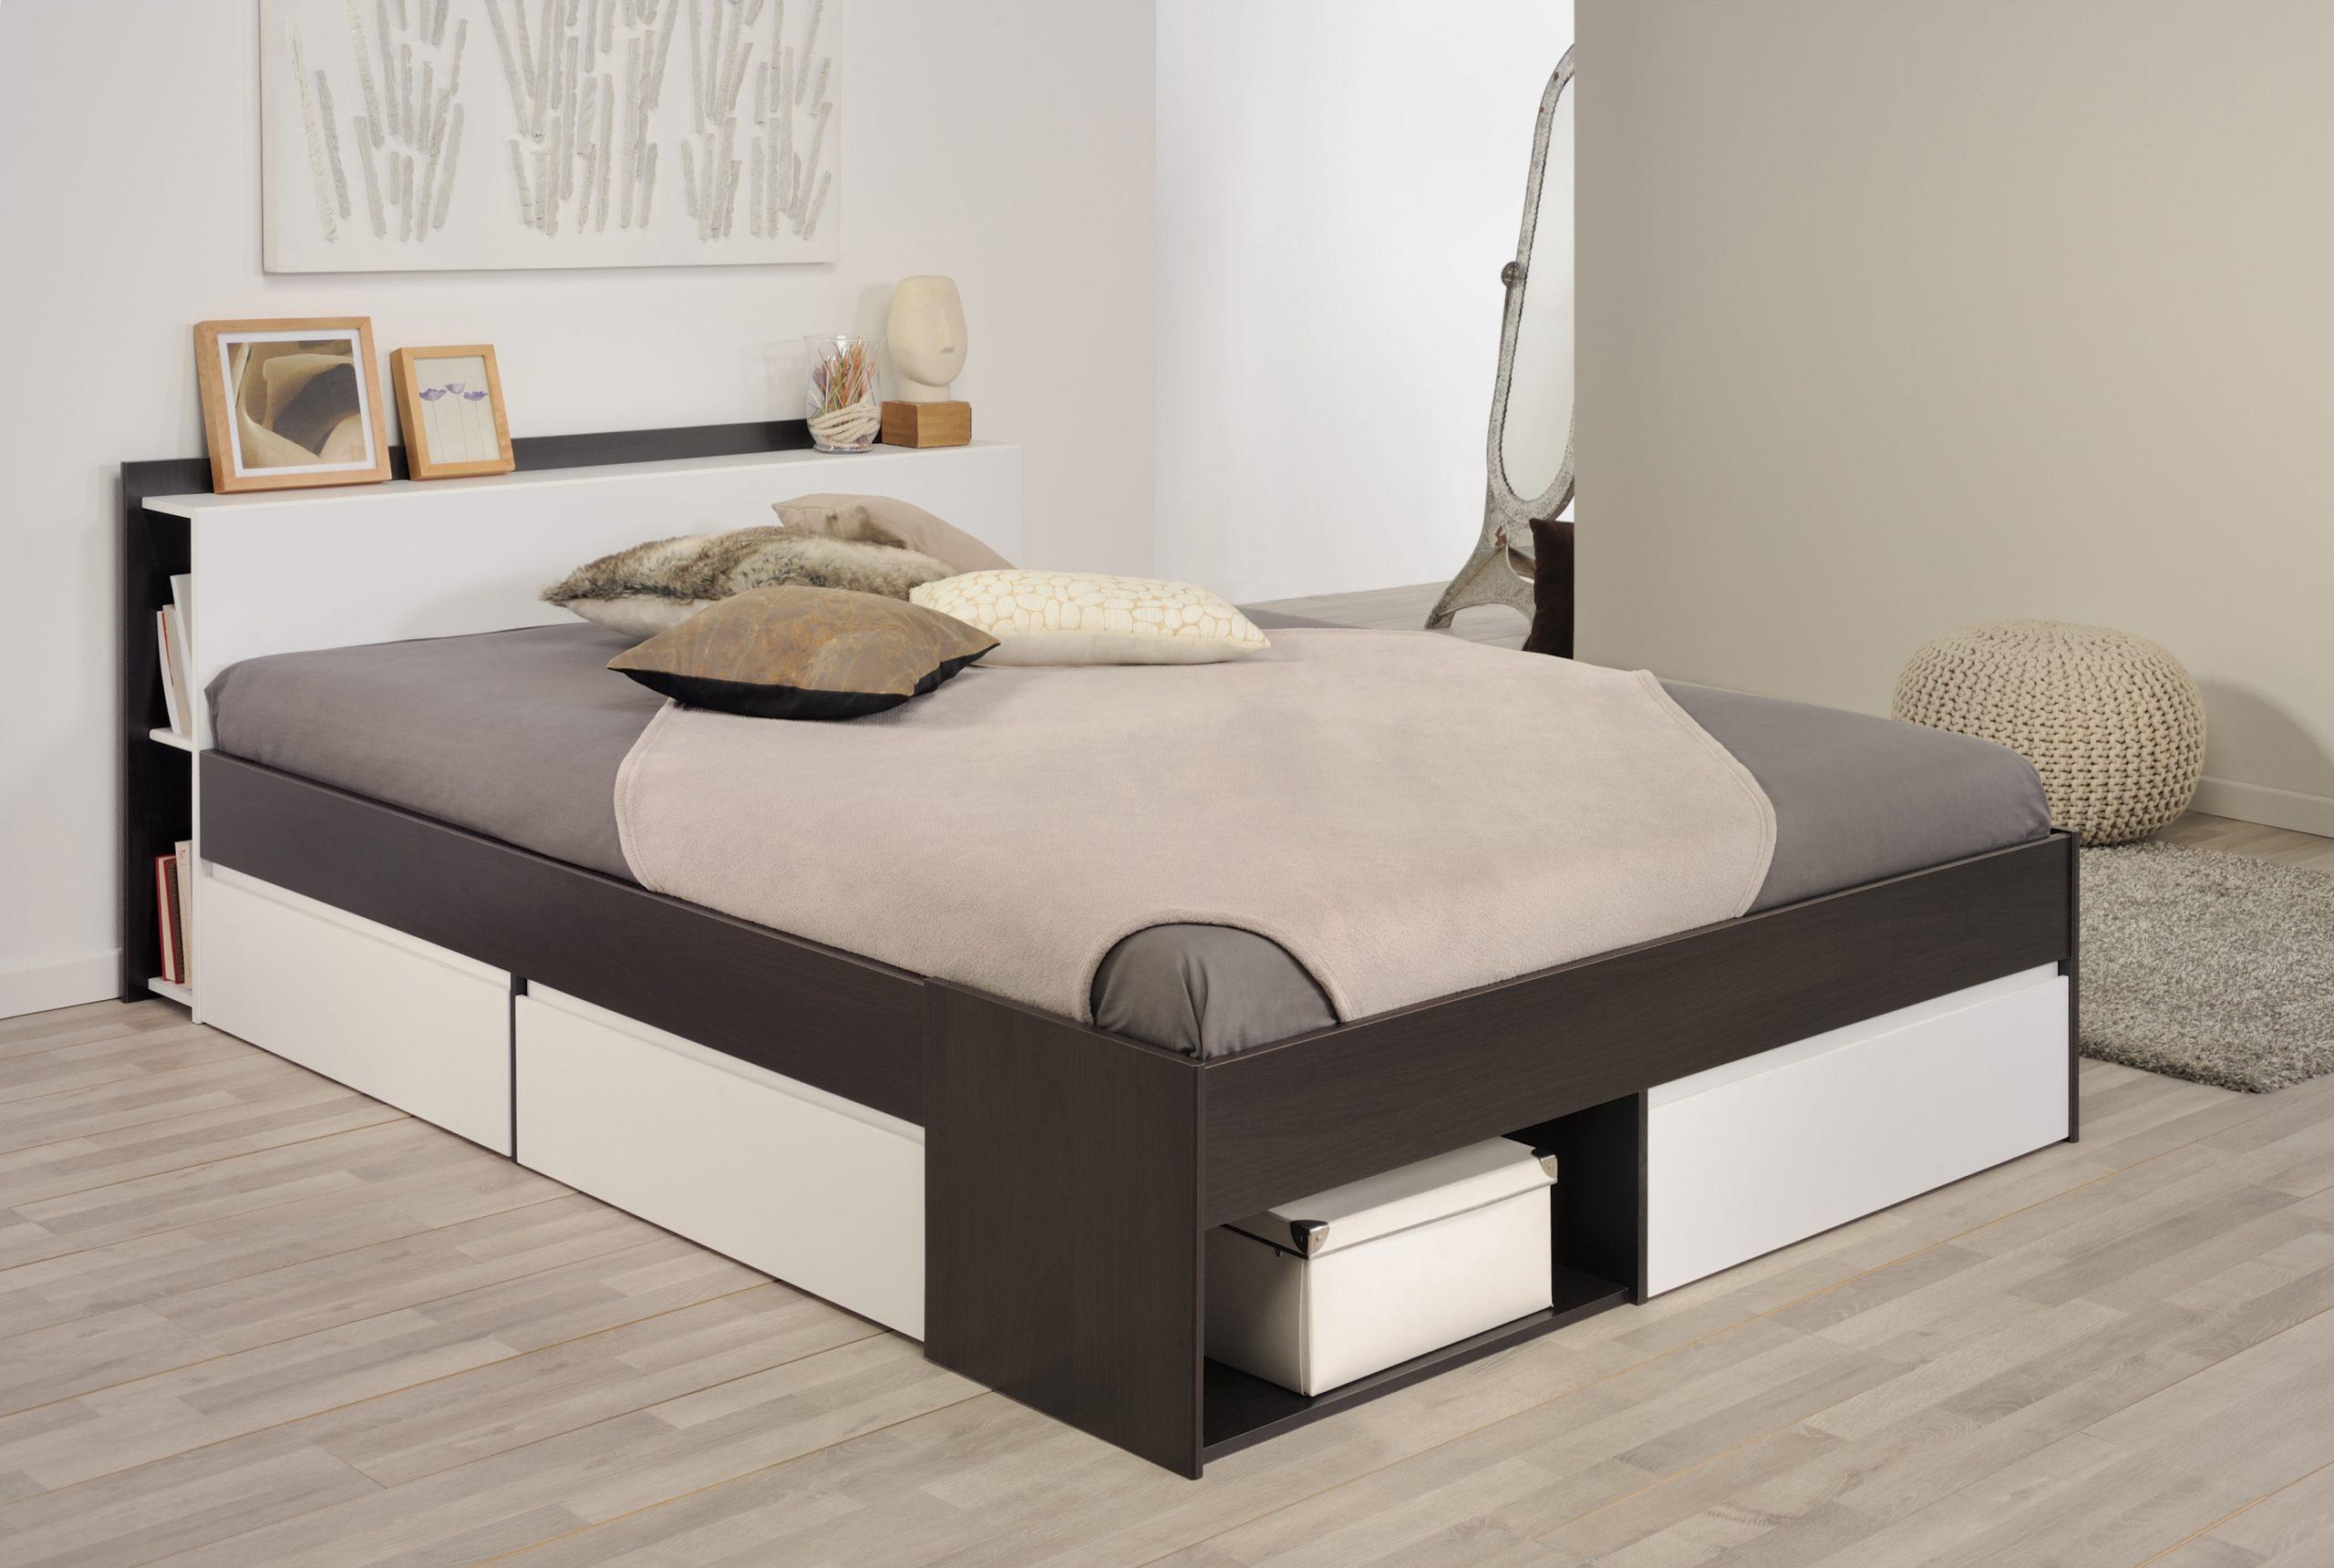 Full Size of Stauraumbett Most3 Betten 120x200 Bett Mit Matratze Und Lattenrost Weiß Bettkasten Wohnzimmer Stauraumbett 120x200